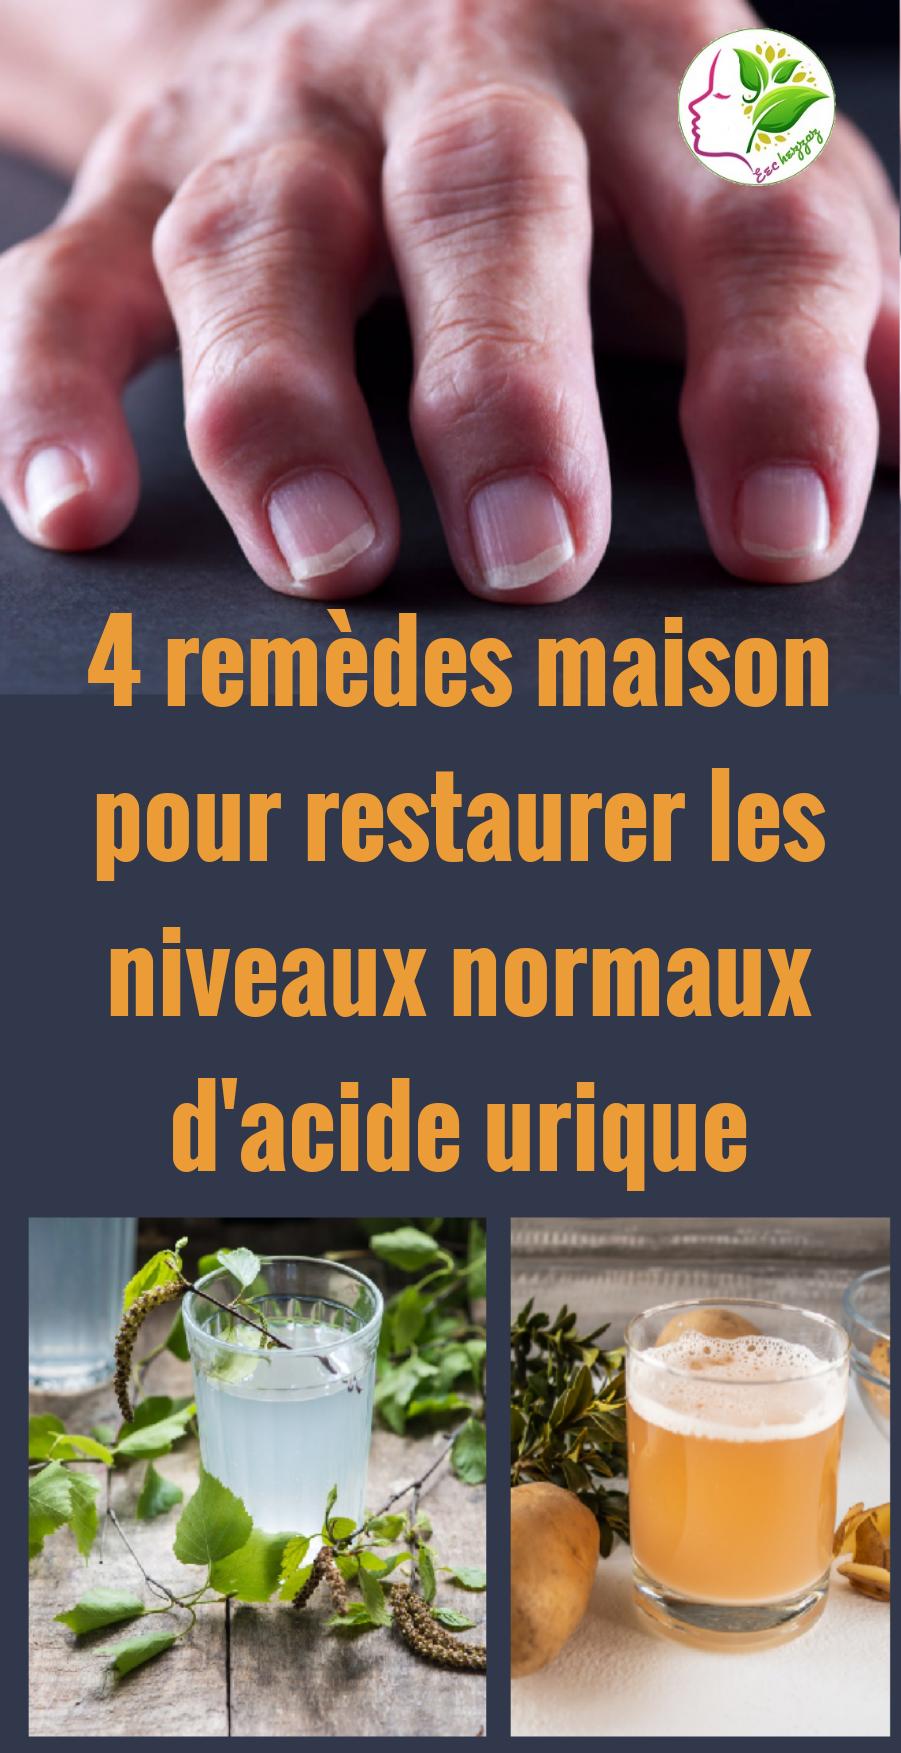 4 remèdes maison pour restaurer les niveaux normaux d'acide urique